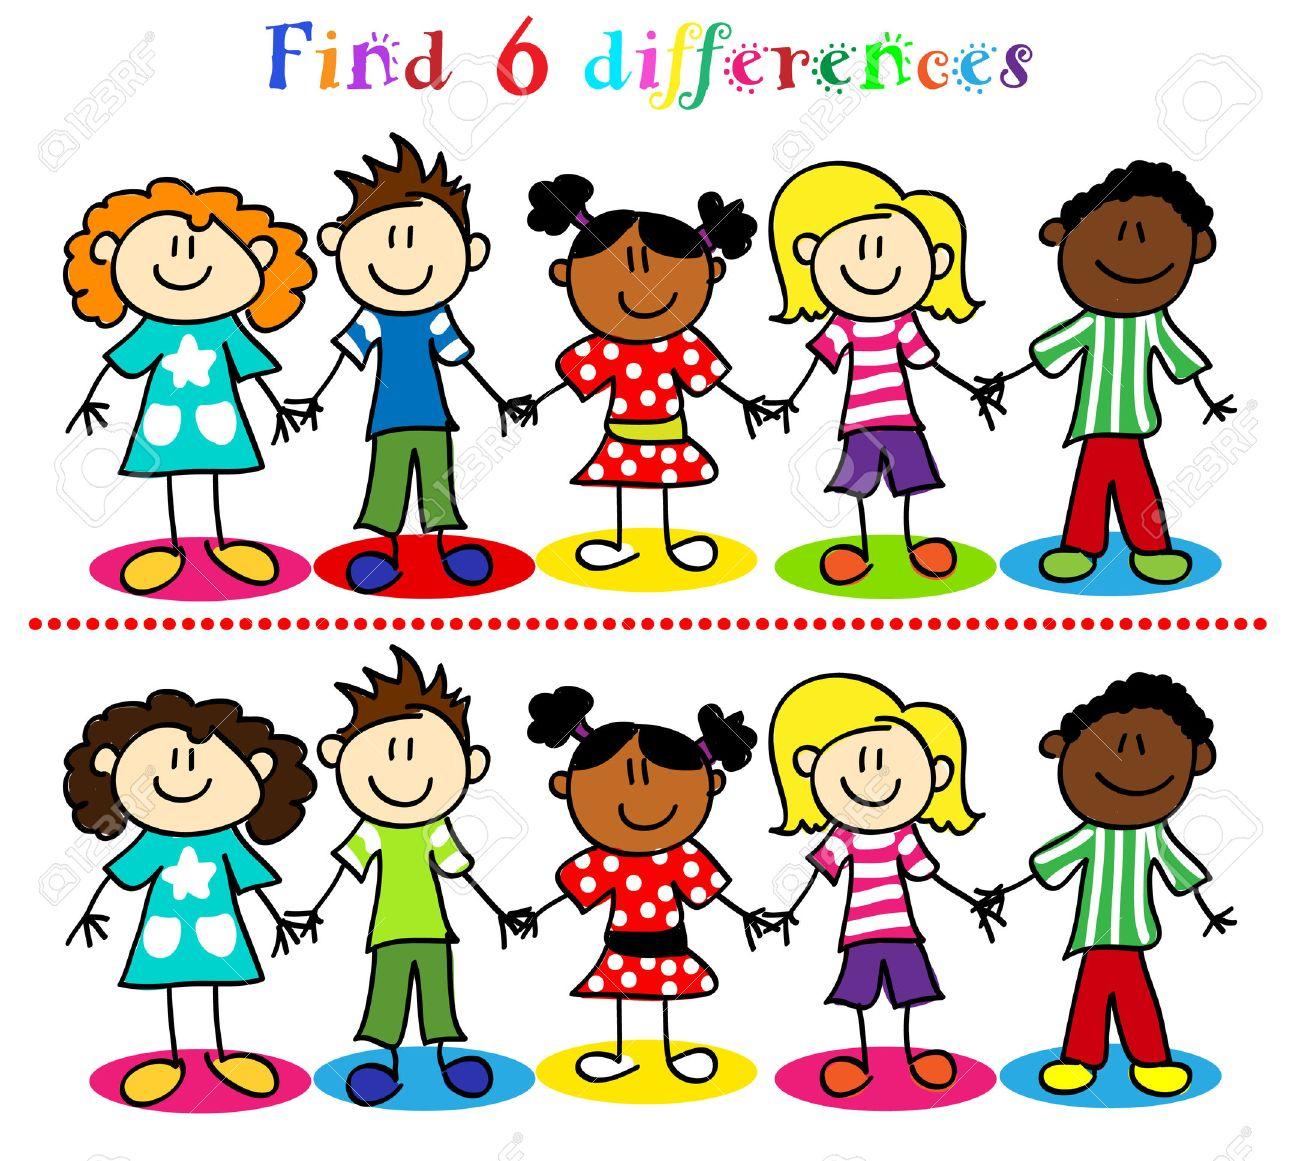 Trouver 6 Jeu De Différence Ou Un Puzzle Visuel: Bâton Chiffre Enfants De  Bande Dessinée, Les Petits Garçons Et Les Filles, De La Diversité Ethnique. pour Trouver La Différence